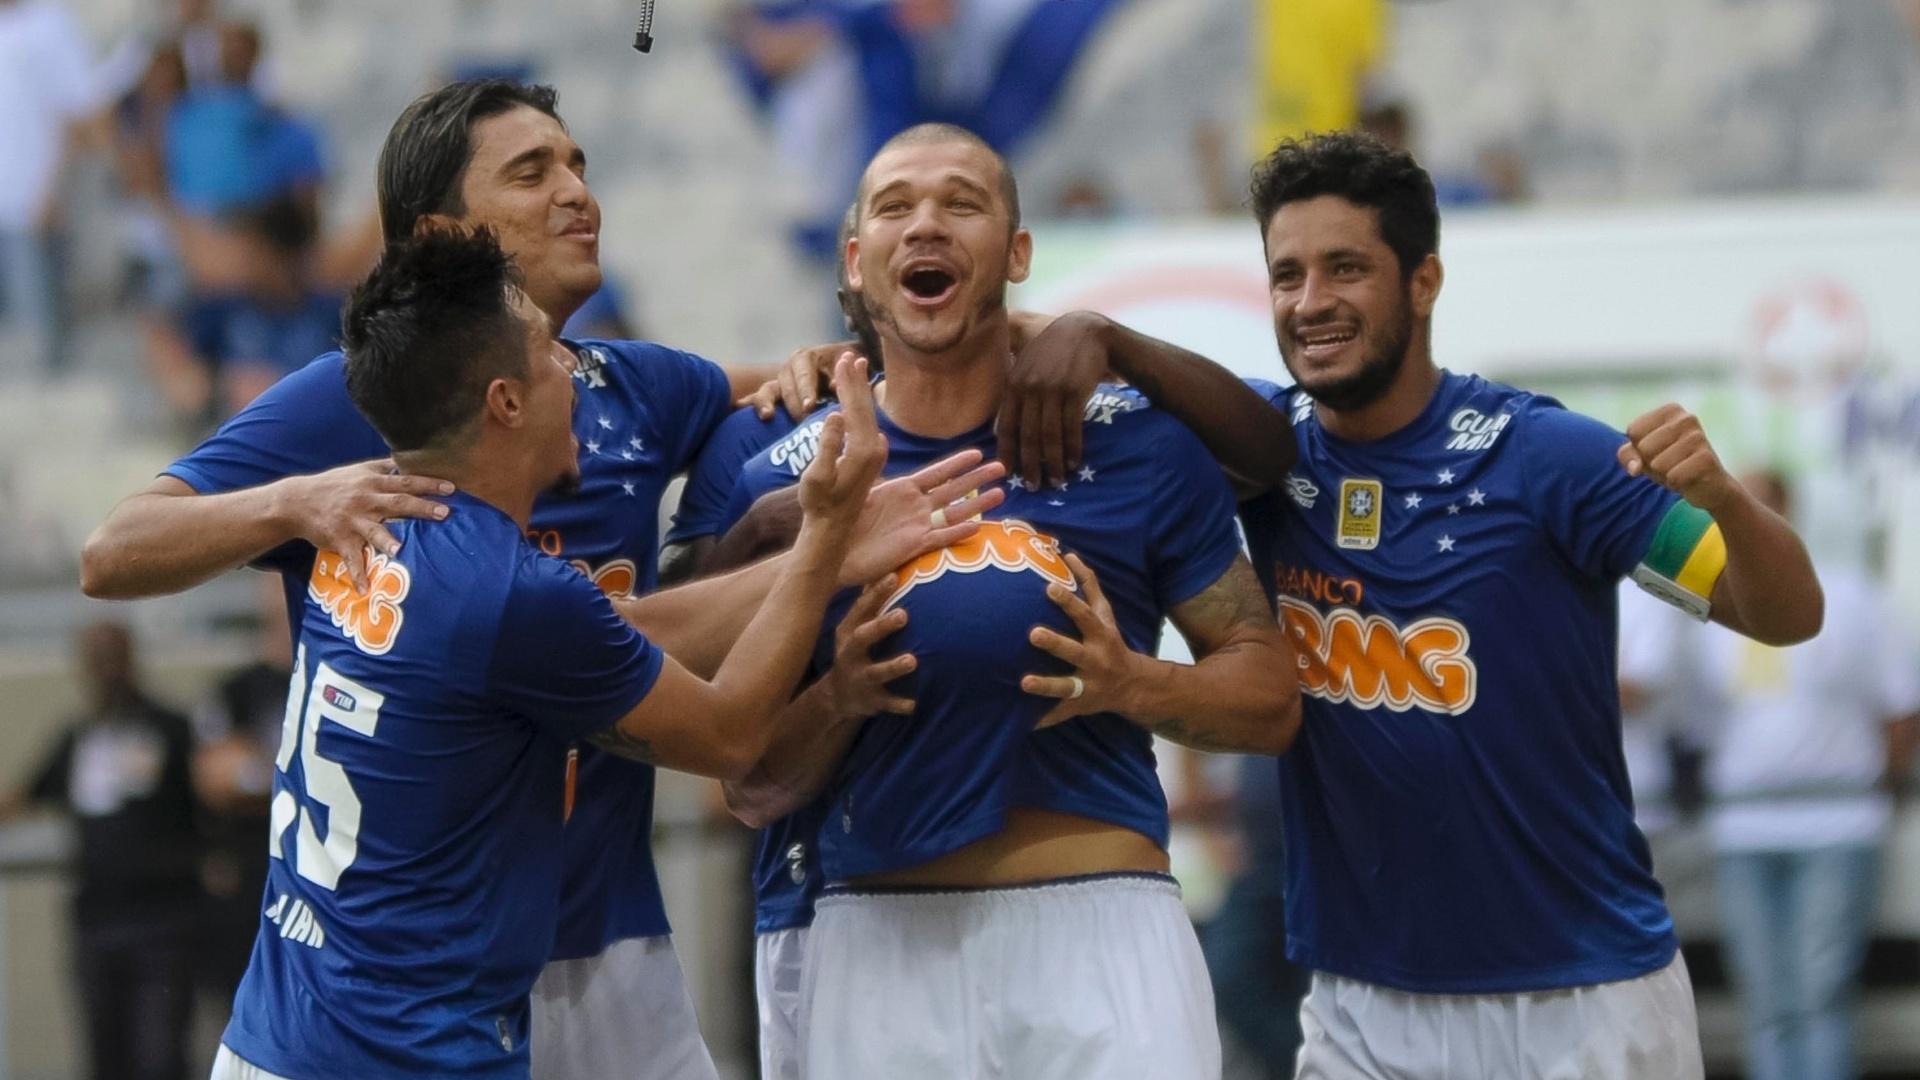 Nilton comemora gol do Cruzeiro sobre o Fluminense pelo Brasileirão